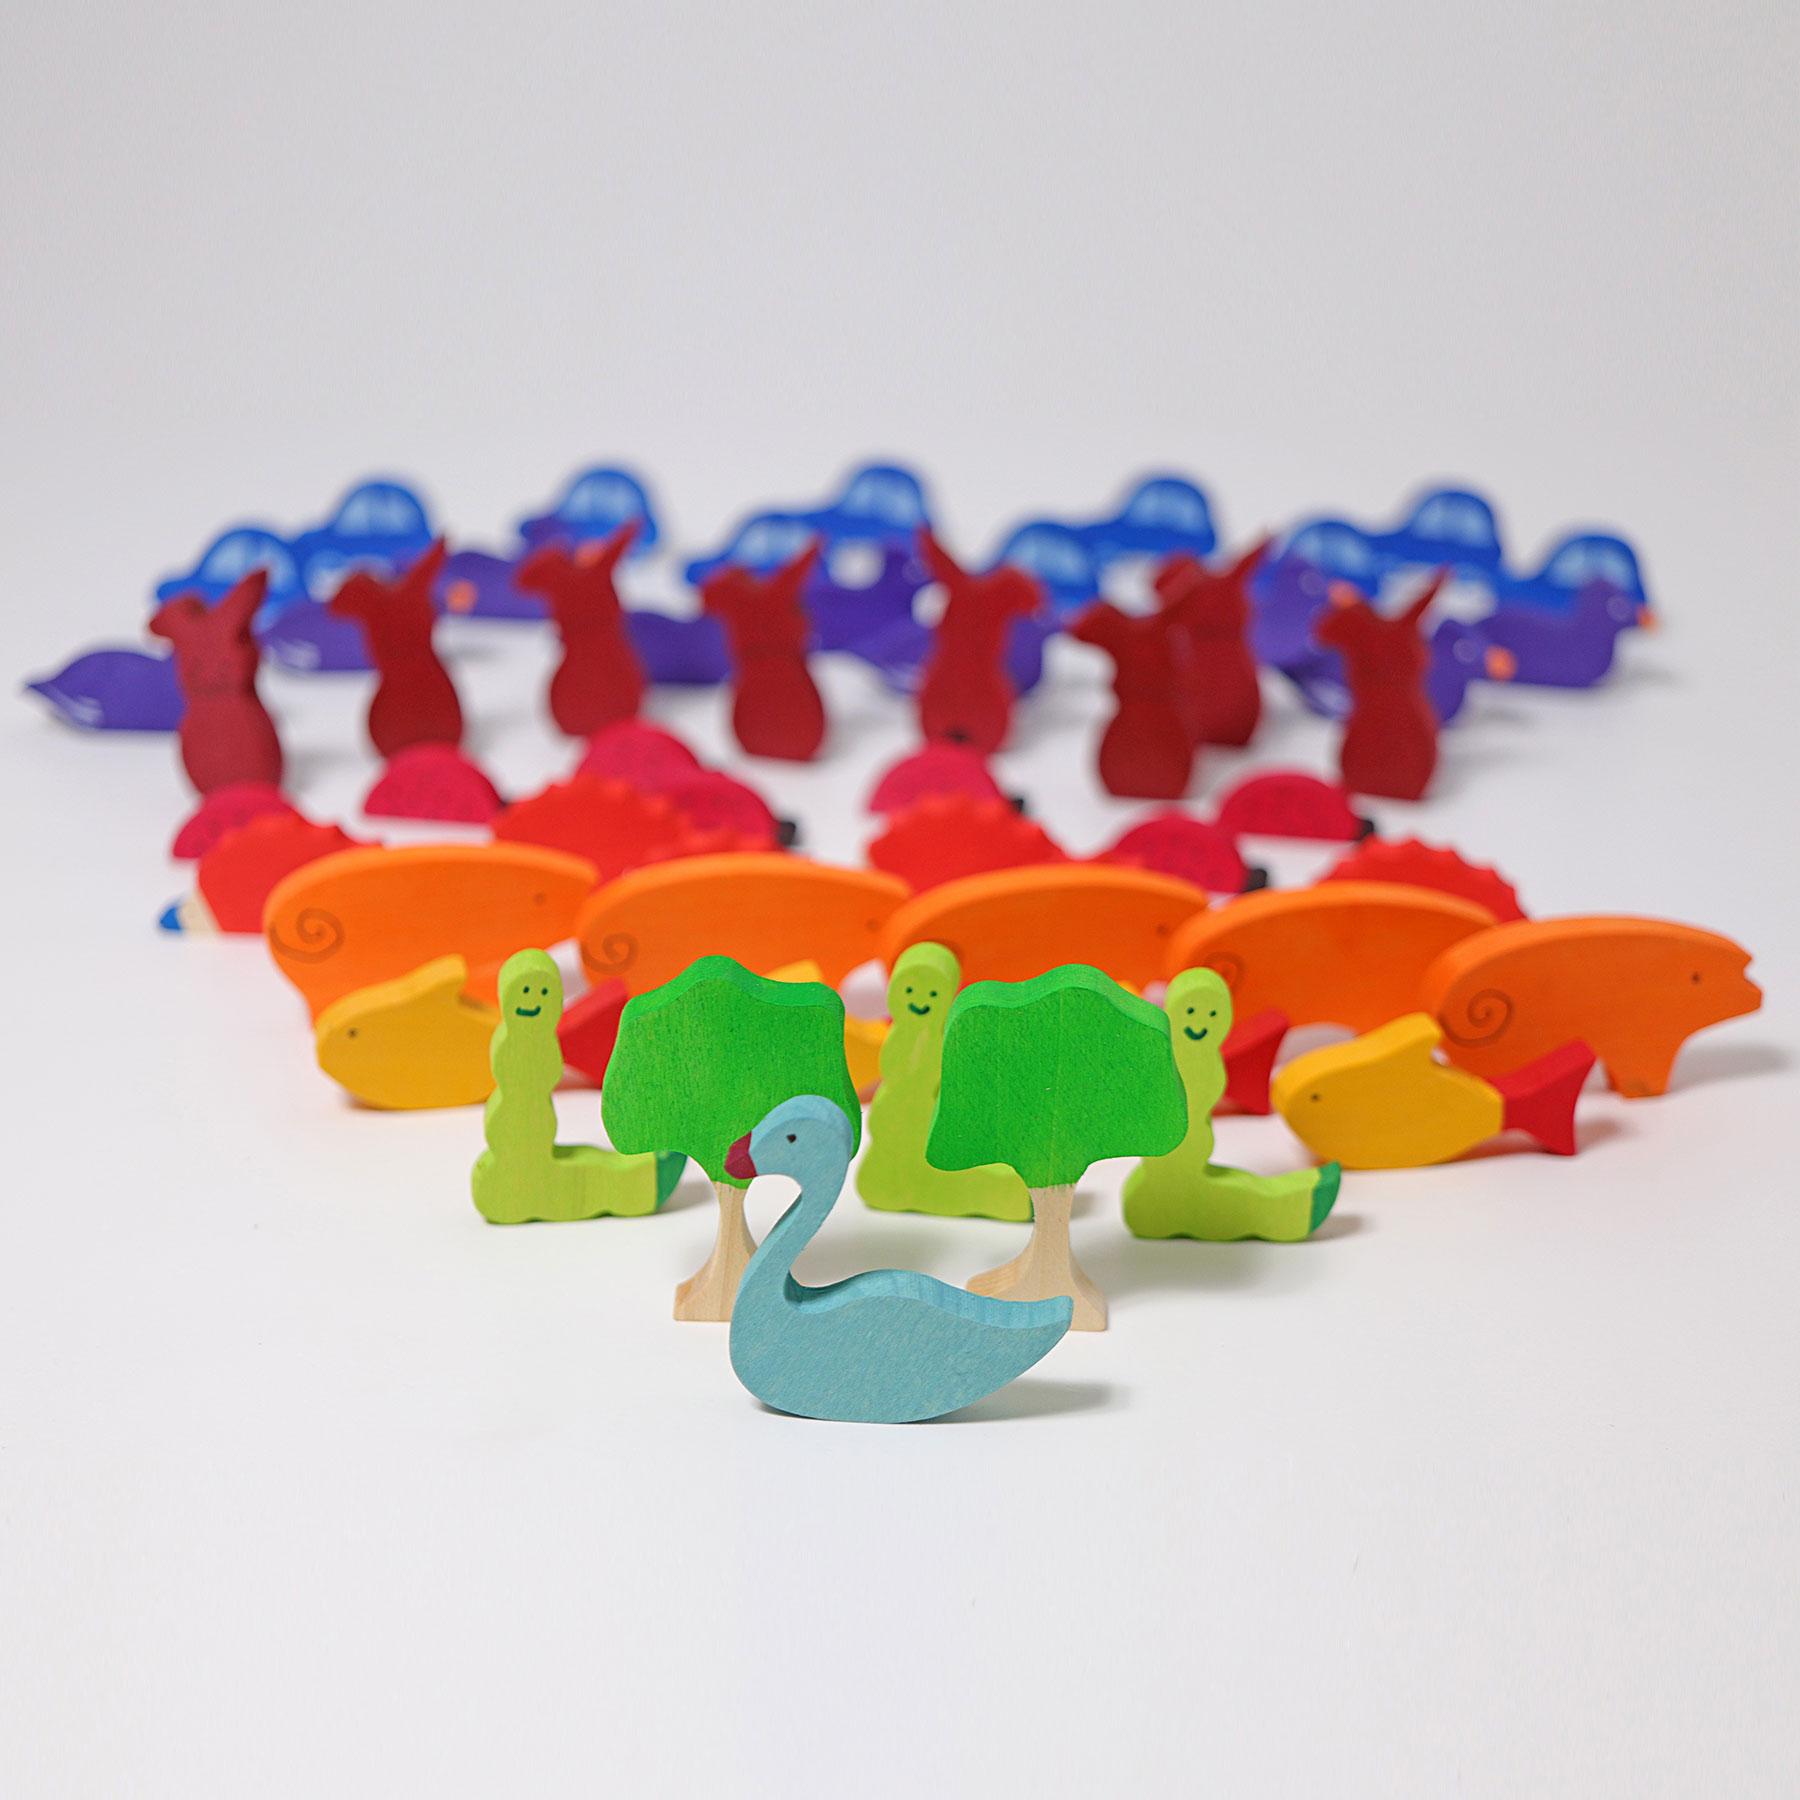 Figurines pour compter ou raconter des histoires -Lot de 55 Grimm's